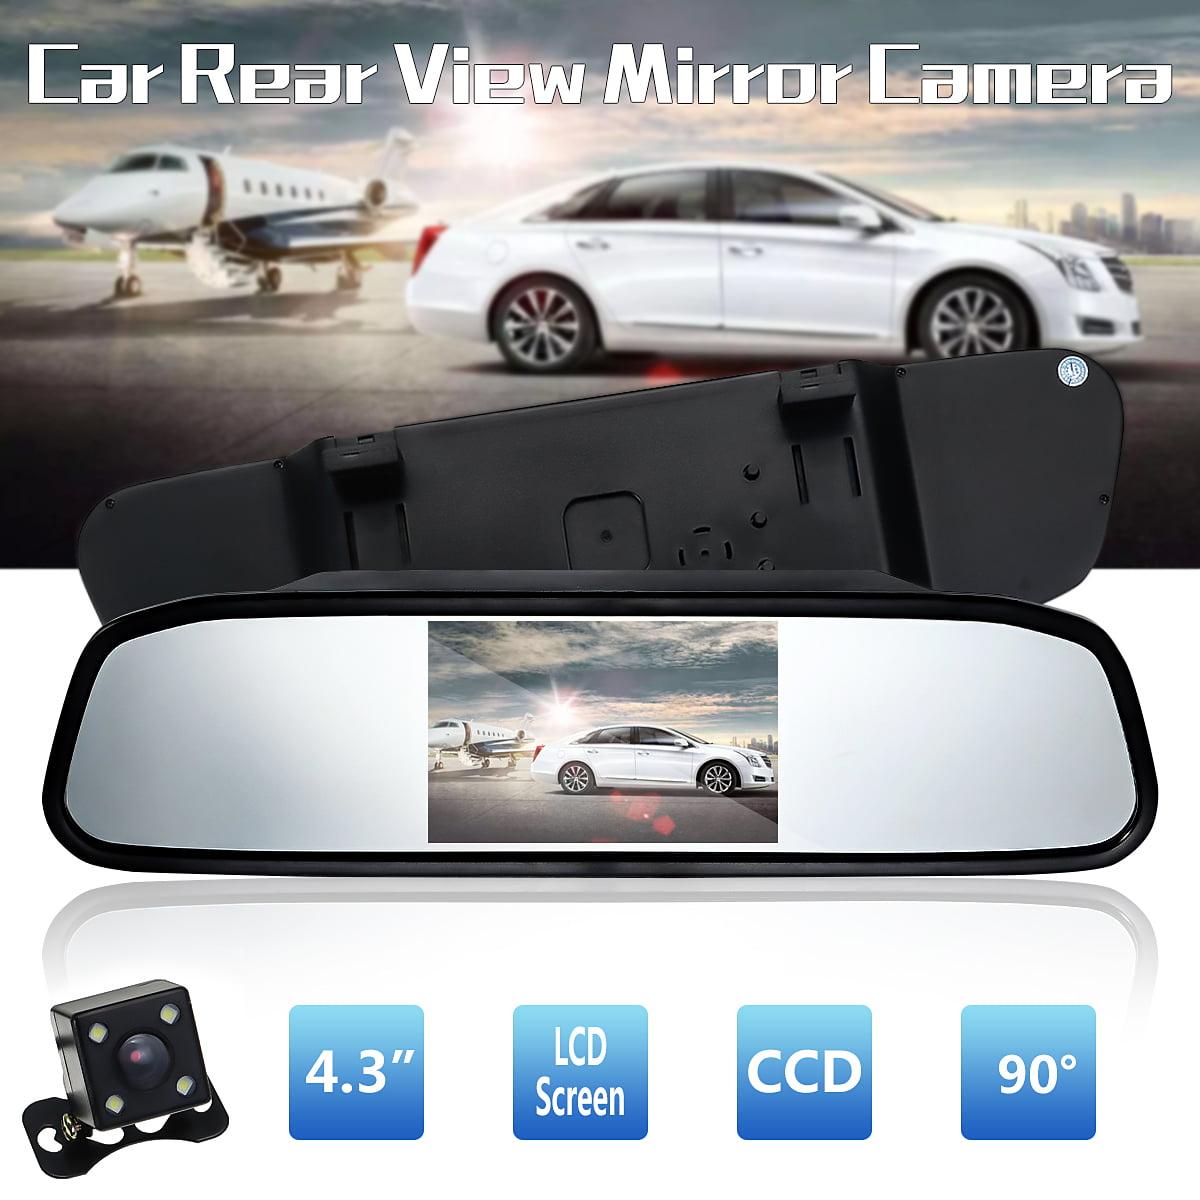 4.3'' LCD Screen Monitor Car Rear View Camera+Backup Camera+4 LED Light Night Vision Camera